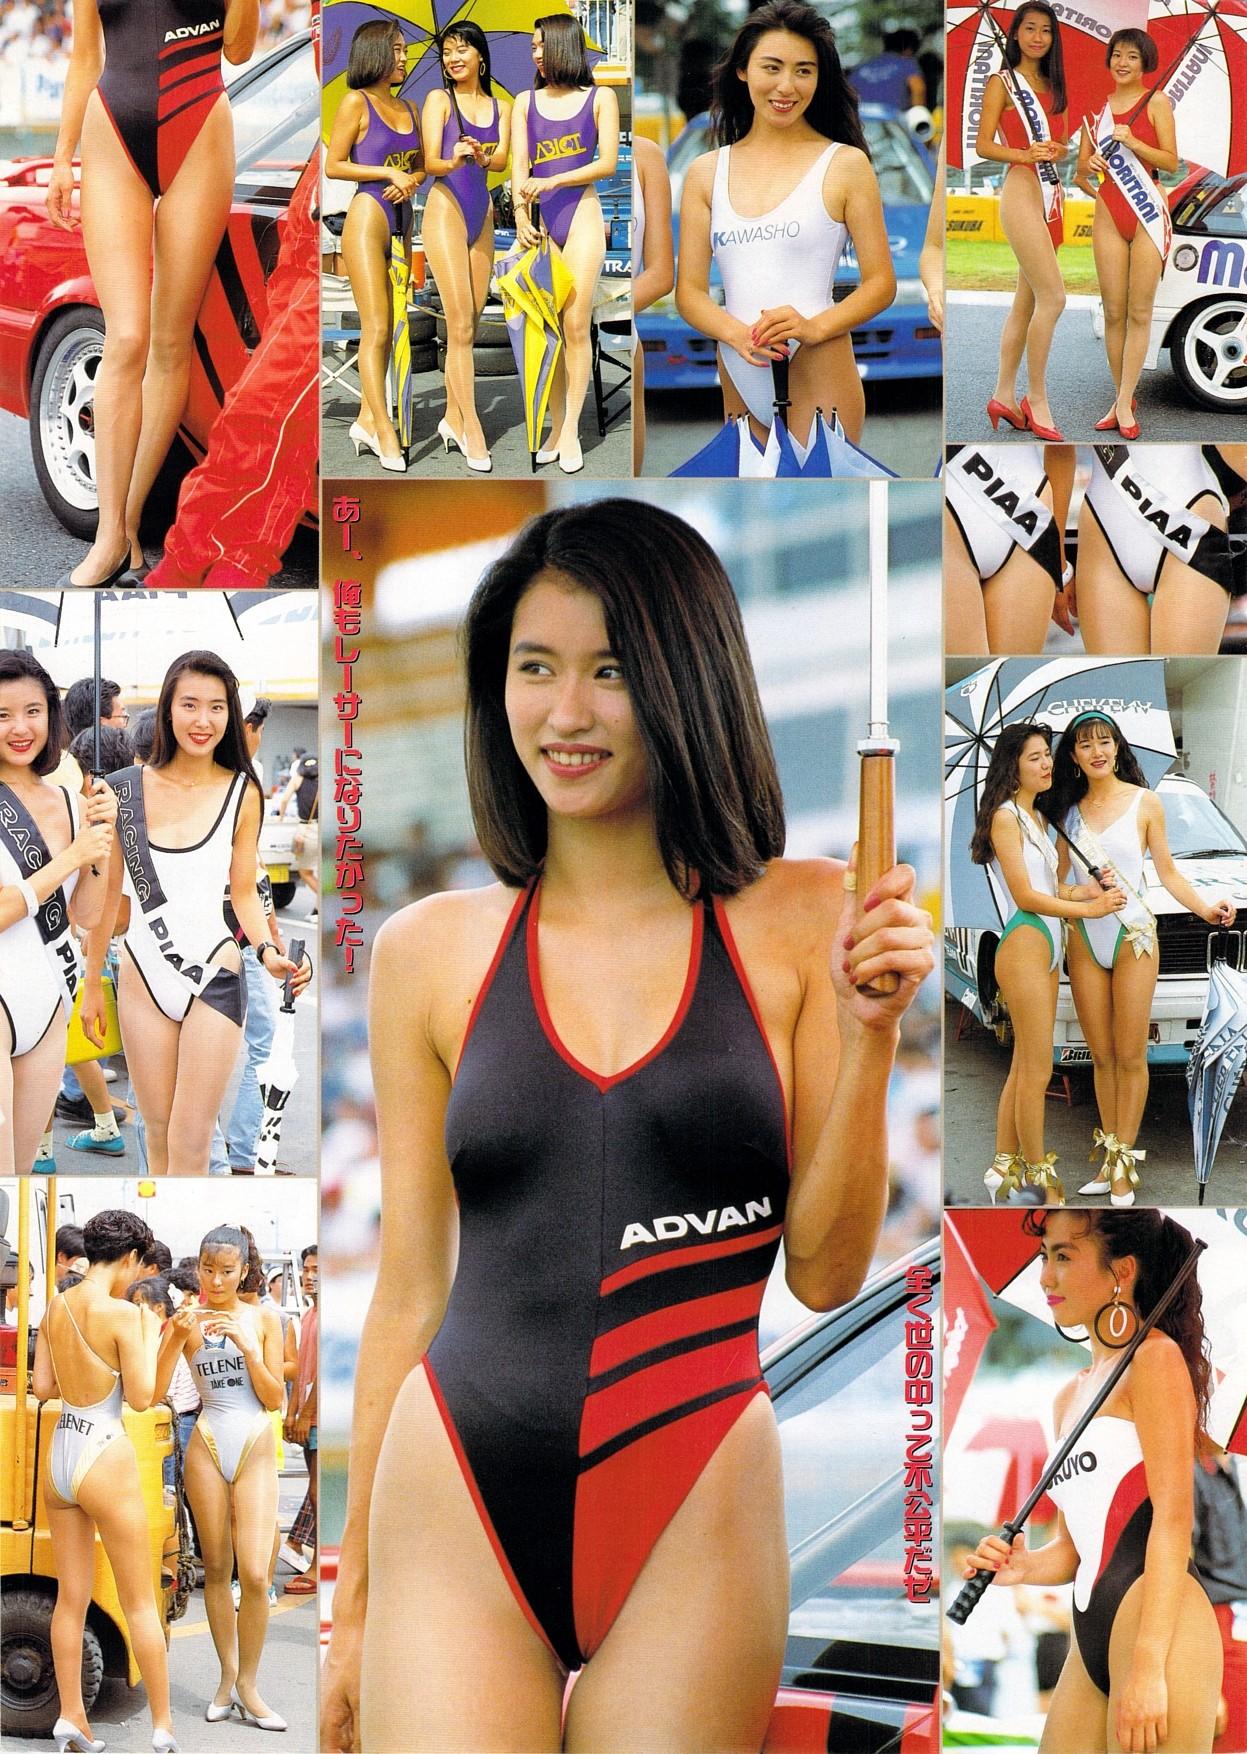 昔のレースクイーンのハイレグを懐かしむスレ ��11 [無断転載禁止]©bbspink.comYouTube動画>18本 ->画像>320枚